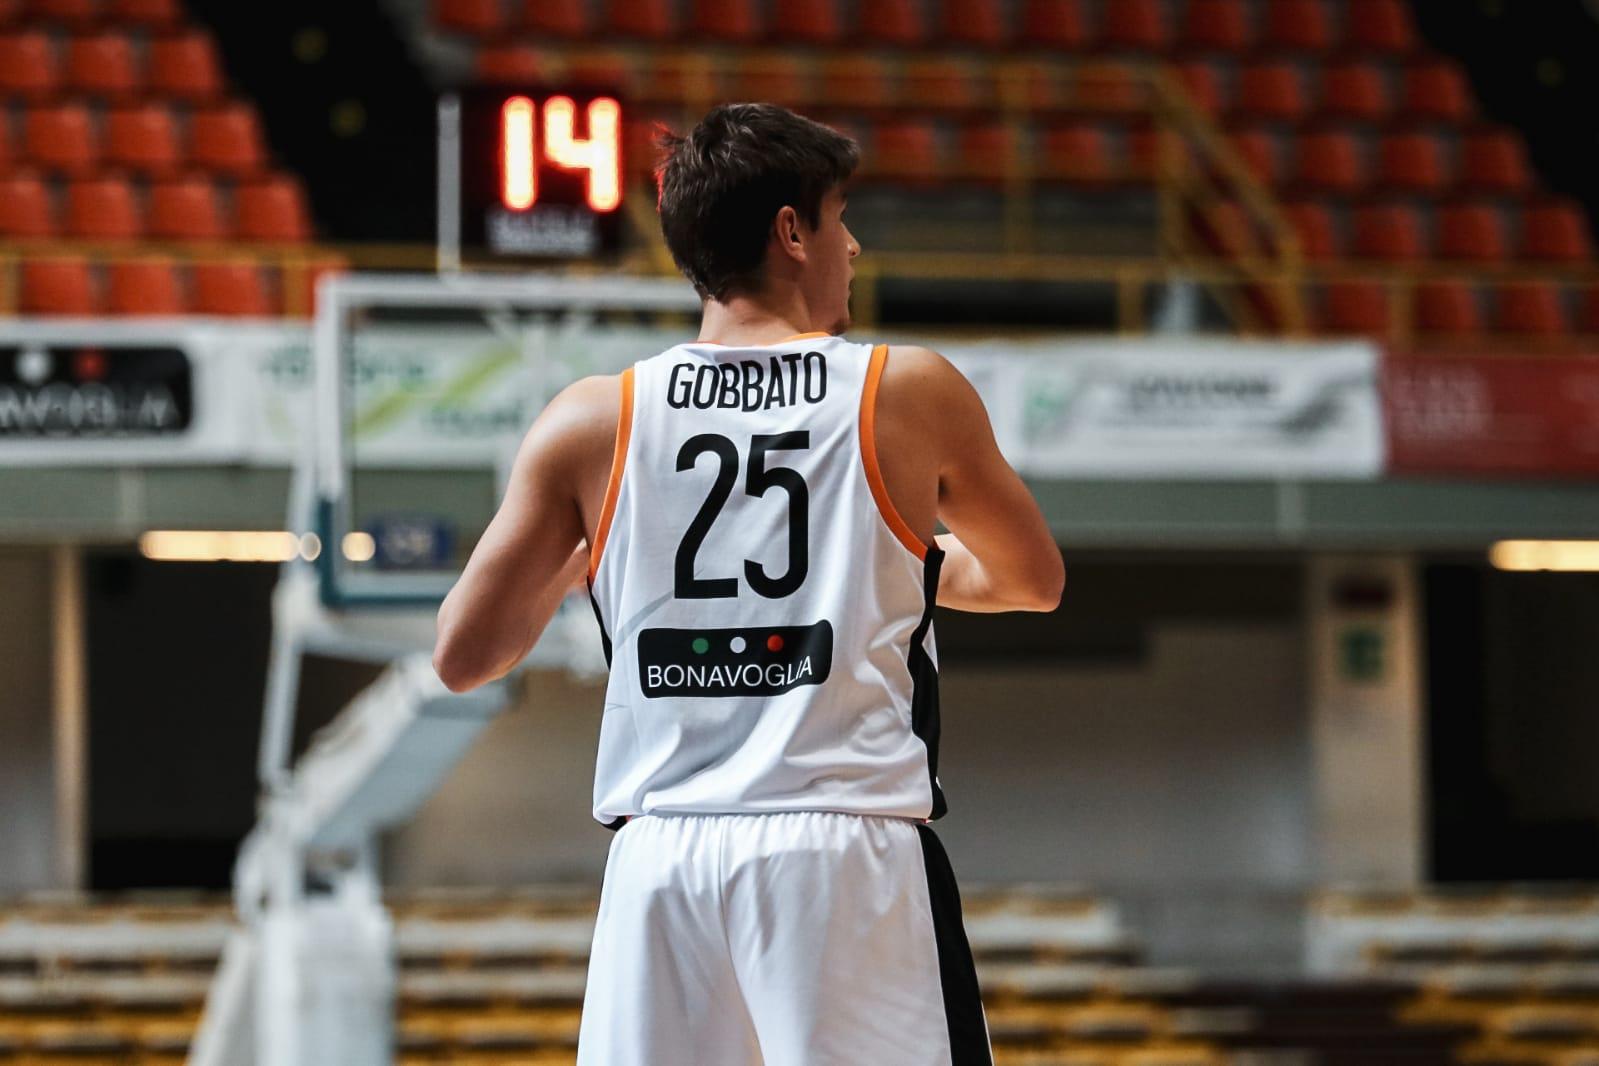 pallacanestro-viola-luiss-roma-live-4°-q:-ultimi-7-minuti,-neroarancio-a-+8!